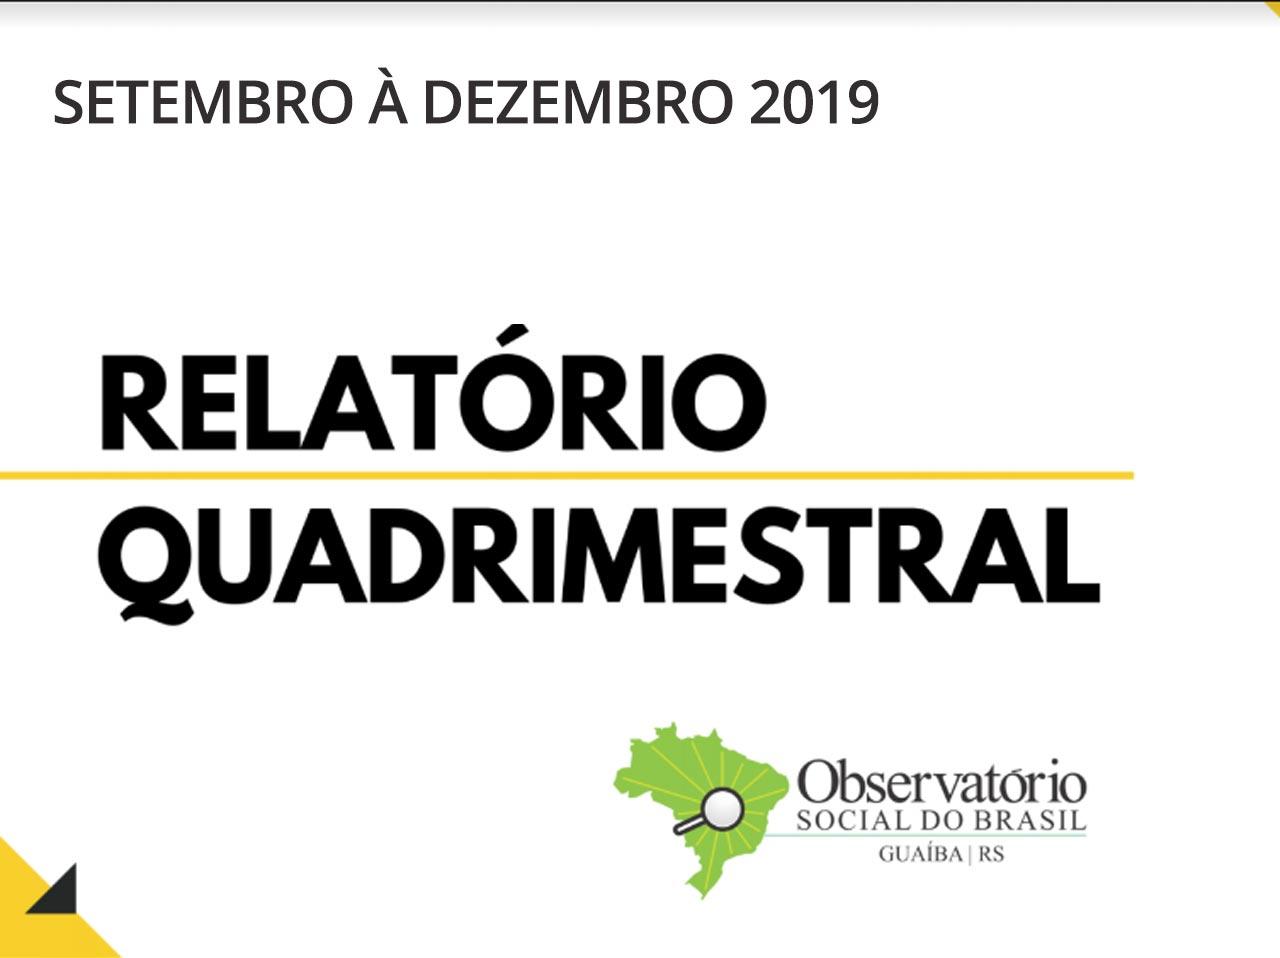 Relatório Quadrimestral 2019/3